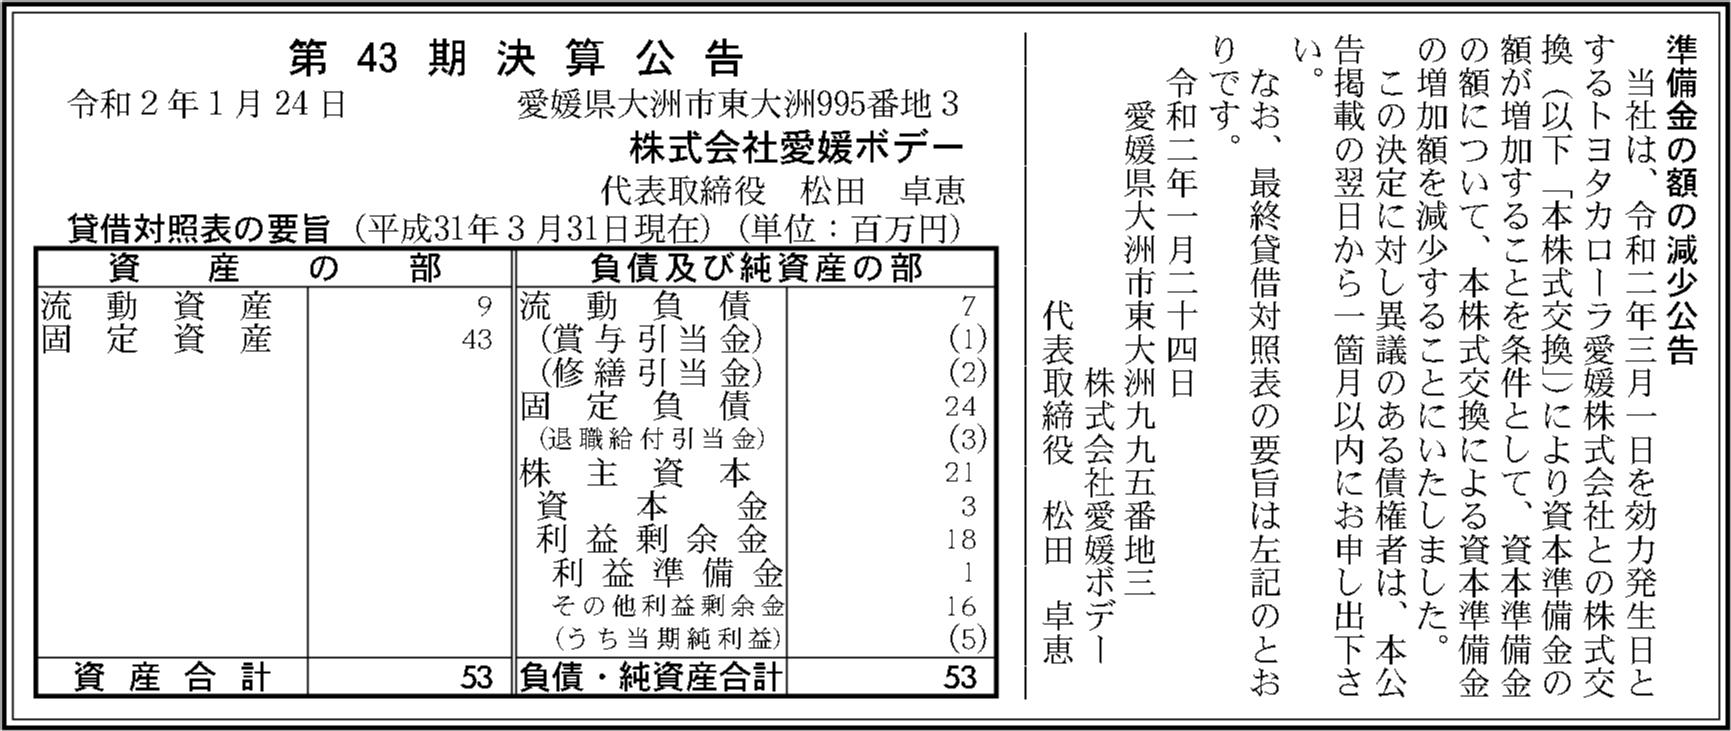 0216 8d4339250dd3993ae38d40422d69042606204f00e84309d3dbc01d30ef6c562b27117117a24fb4bb45f30b649c4a92bf70187e63b6d5f32310982980289f558f 04